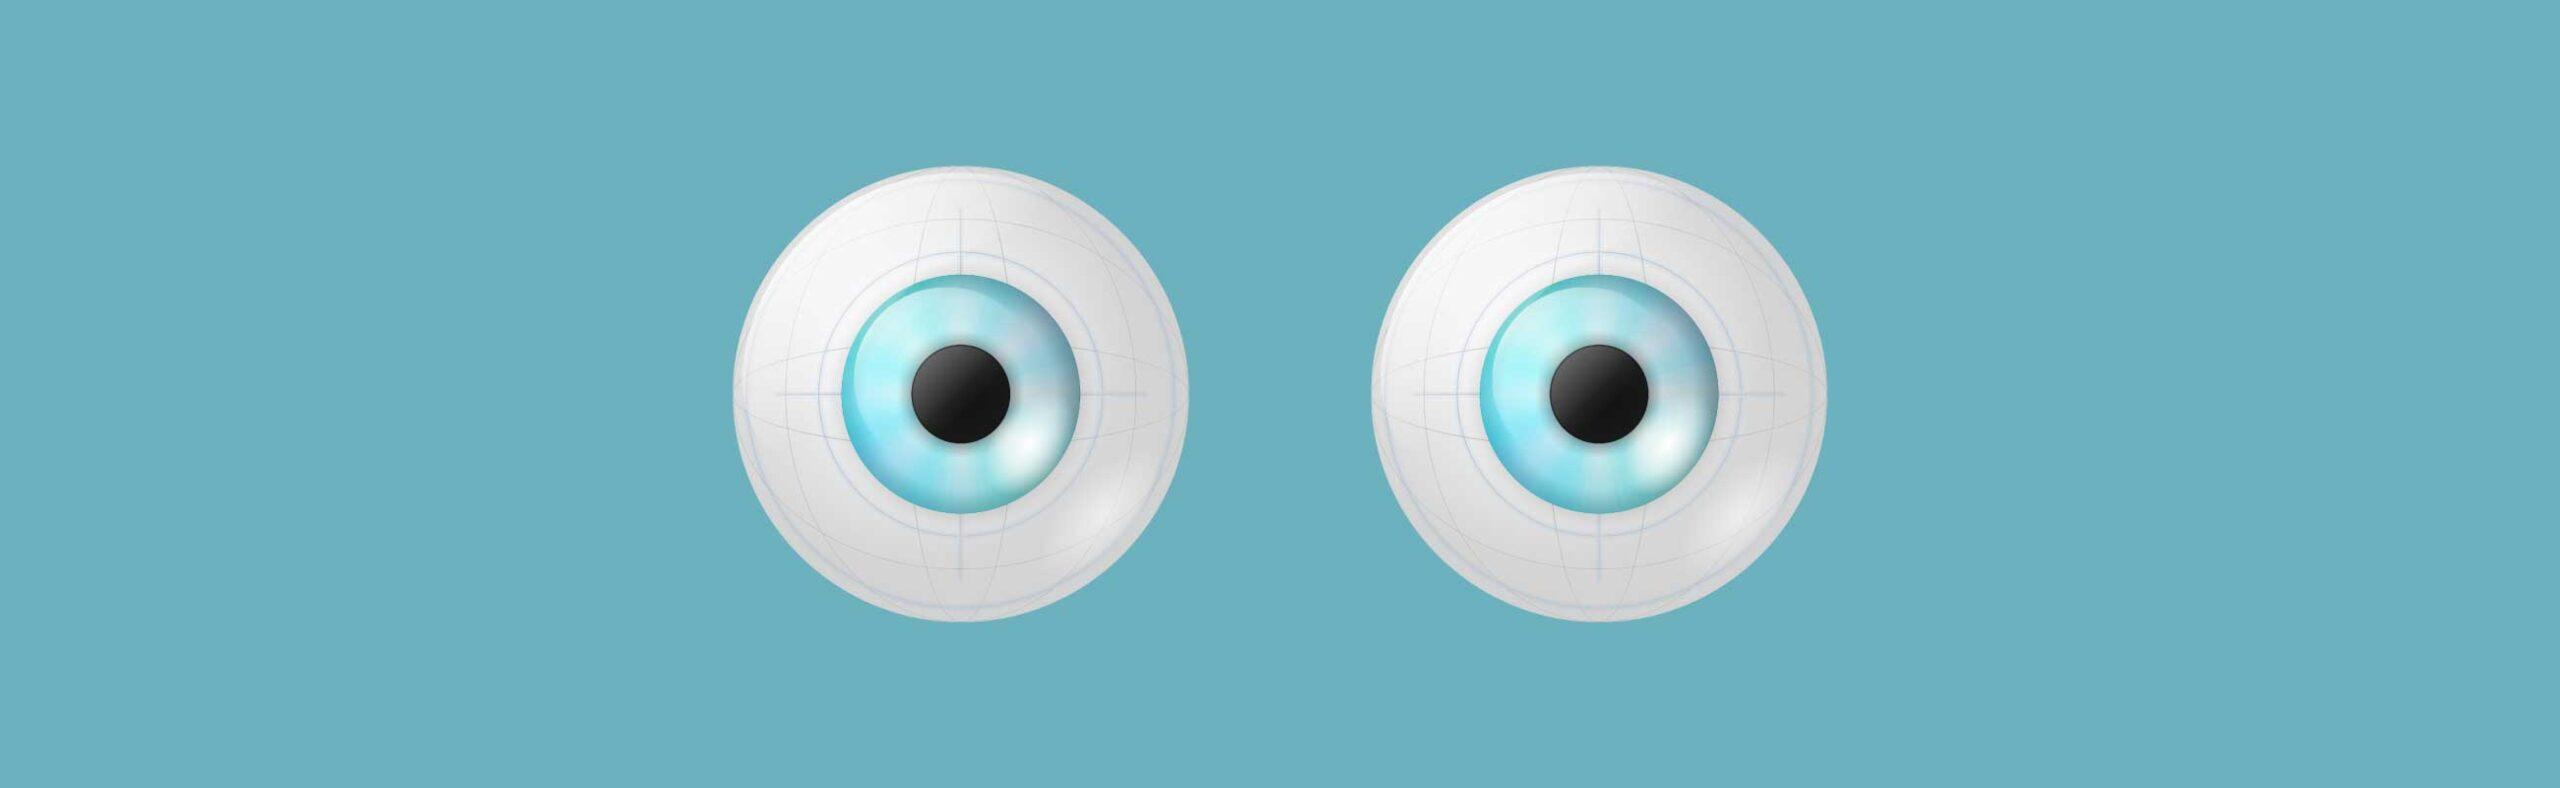 Eye Tracking Terminology